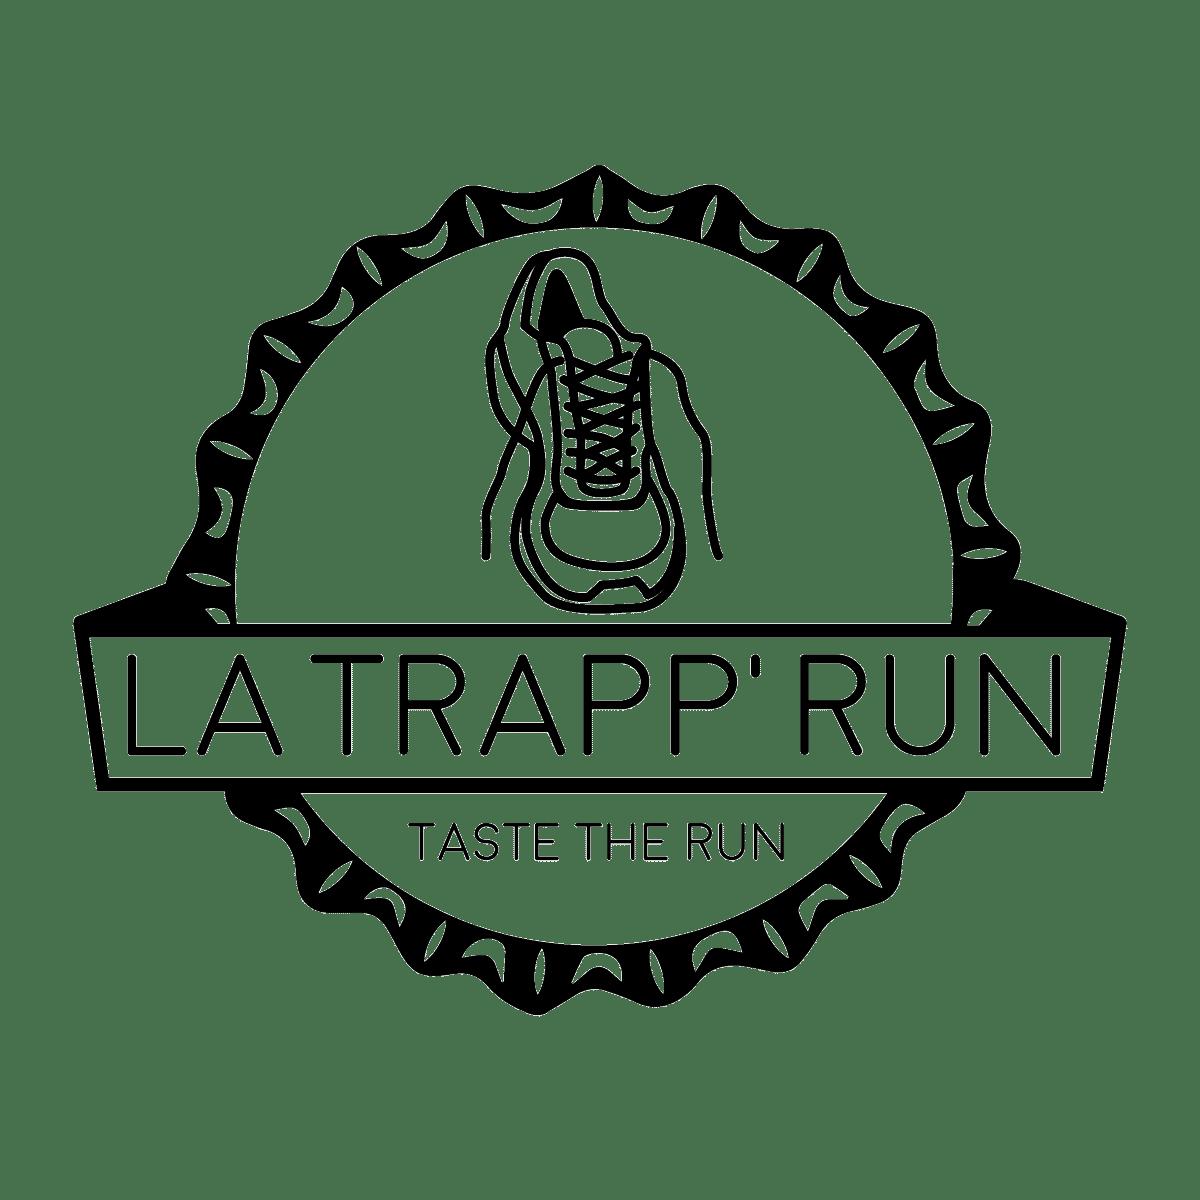 latrapprun-vf-02